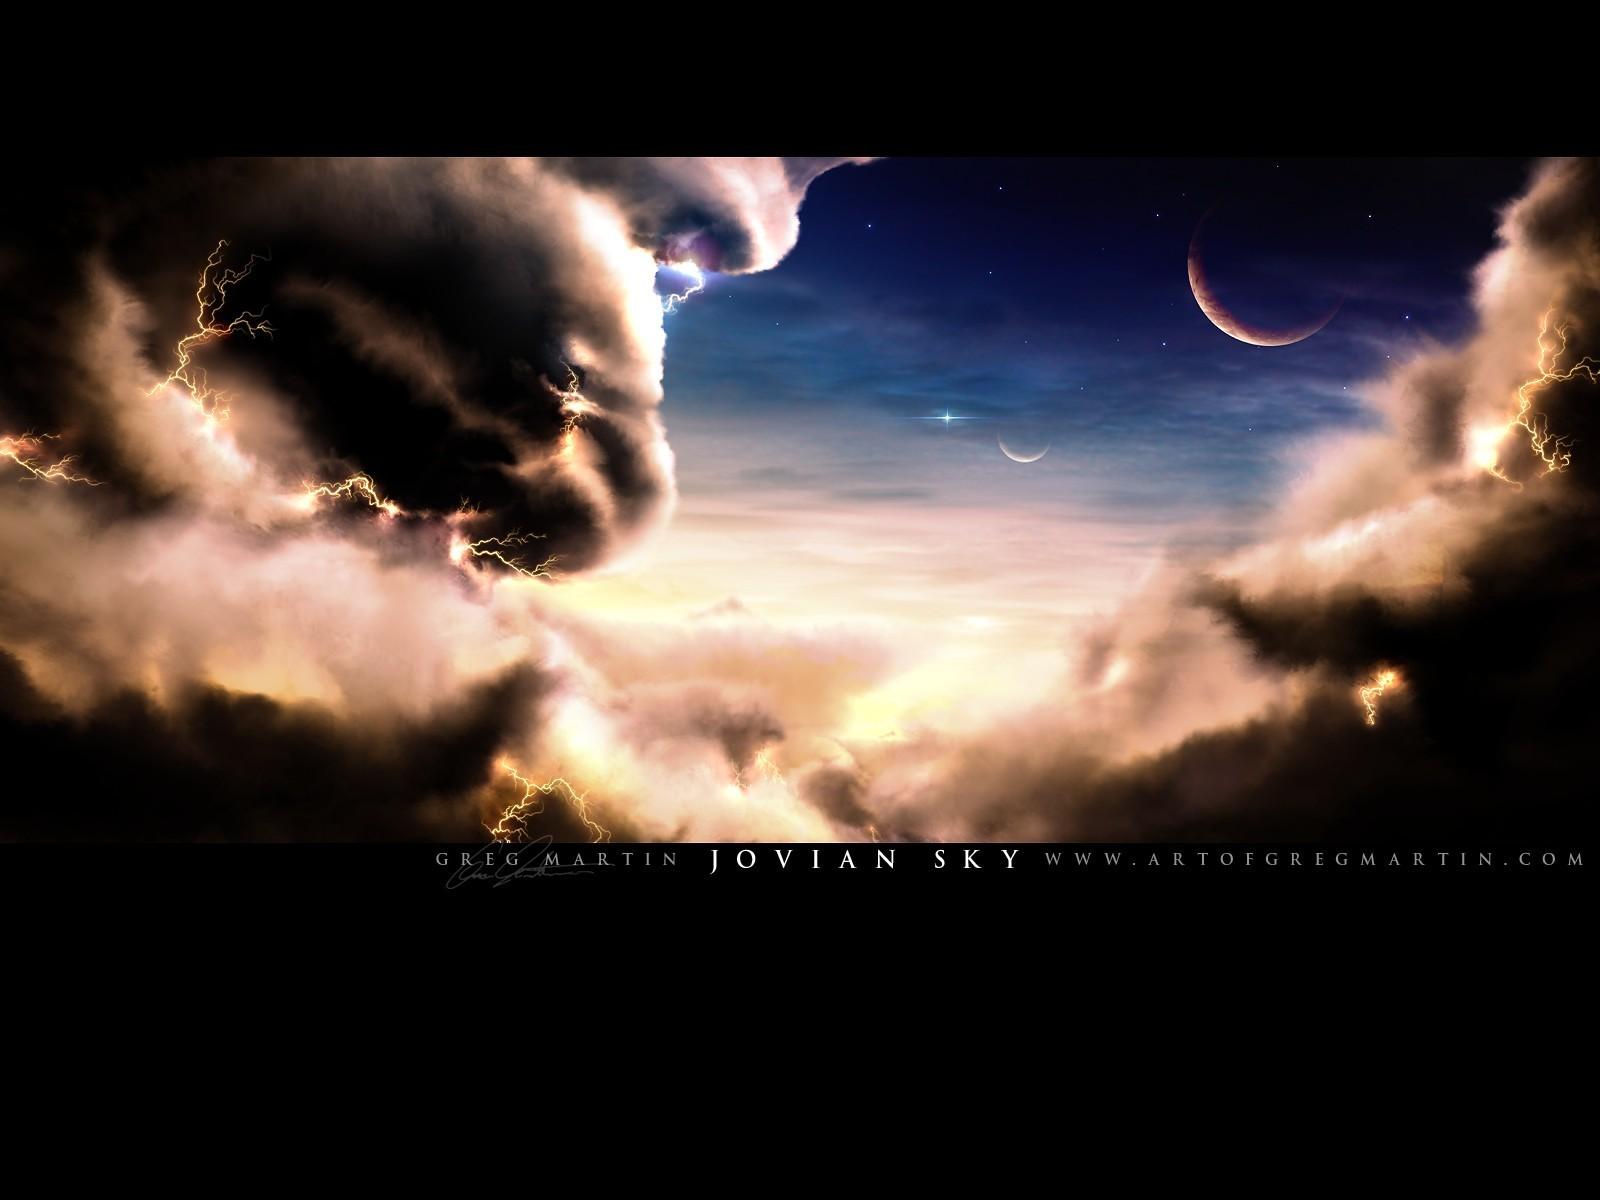 Fond d'ecran Jovian Sky